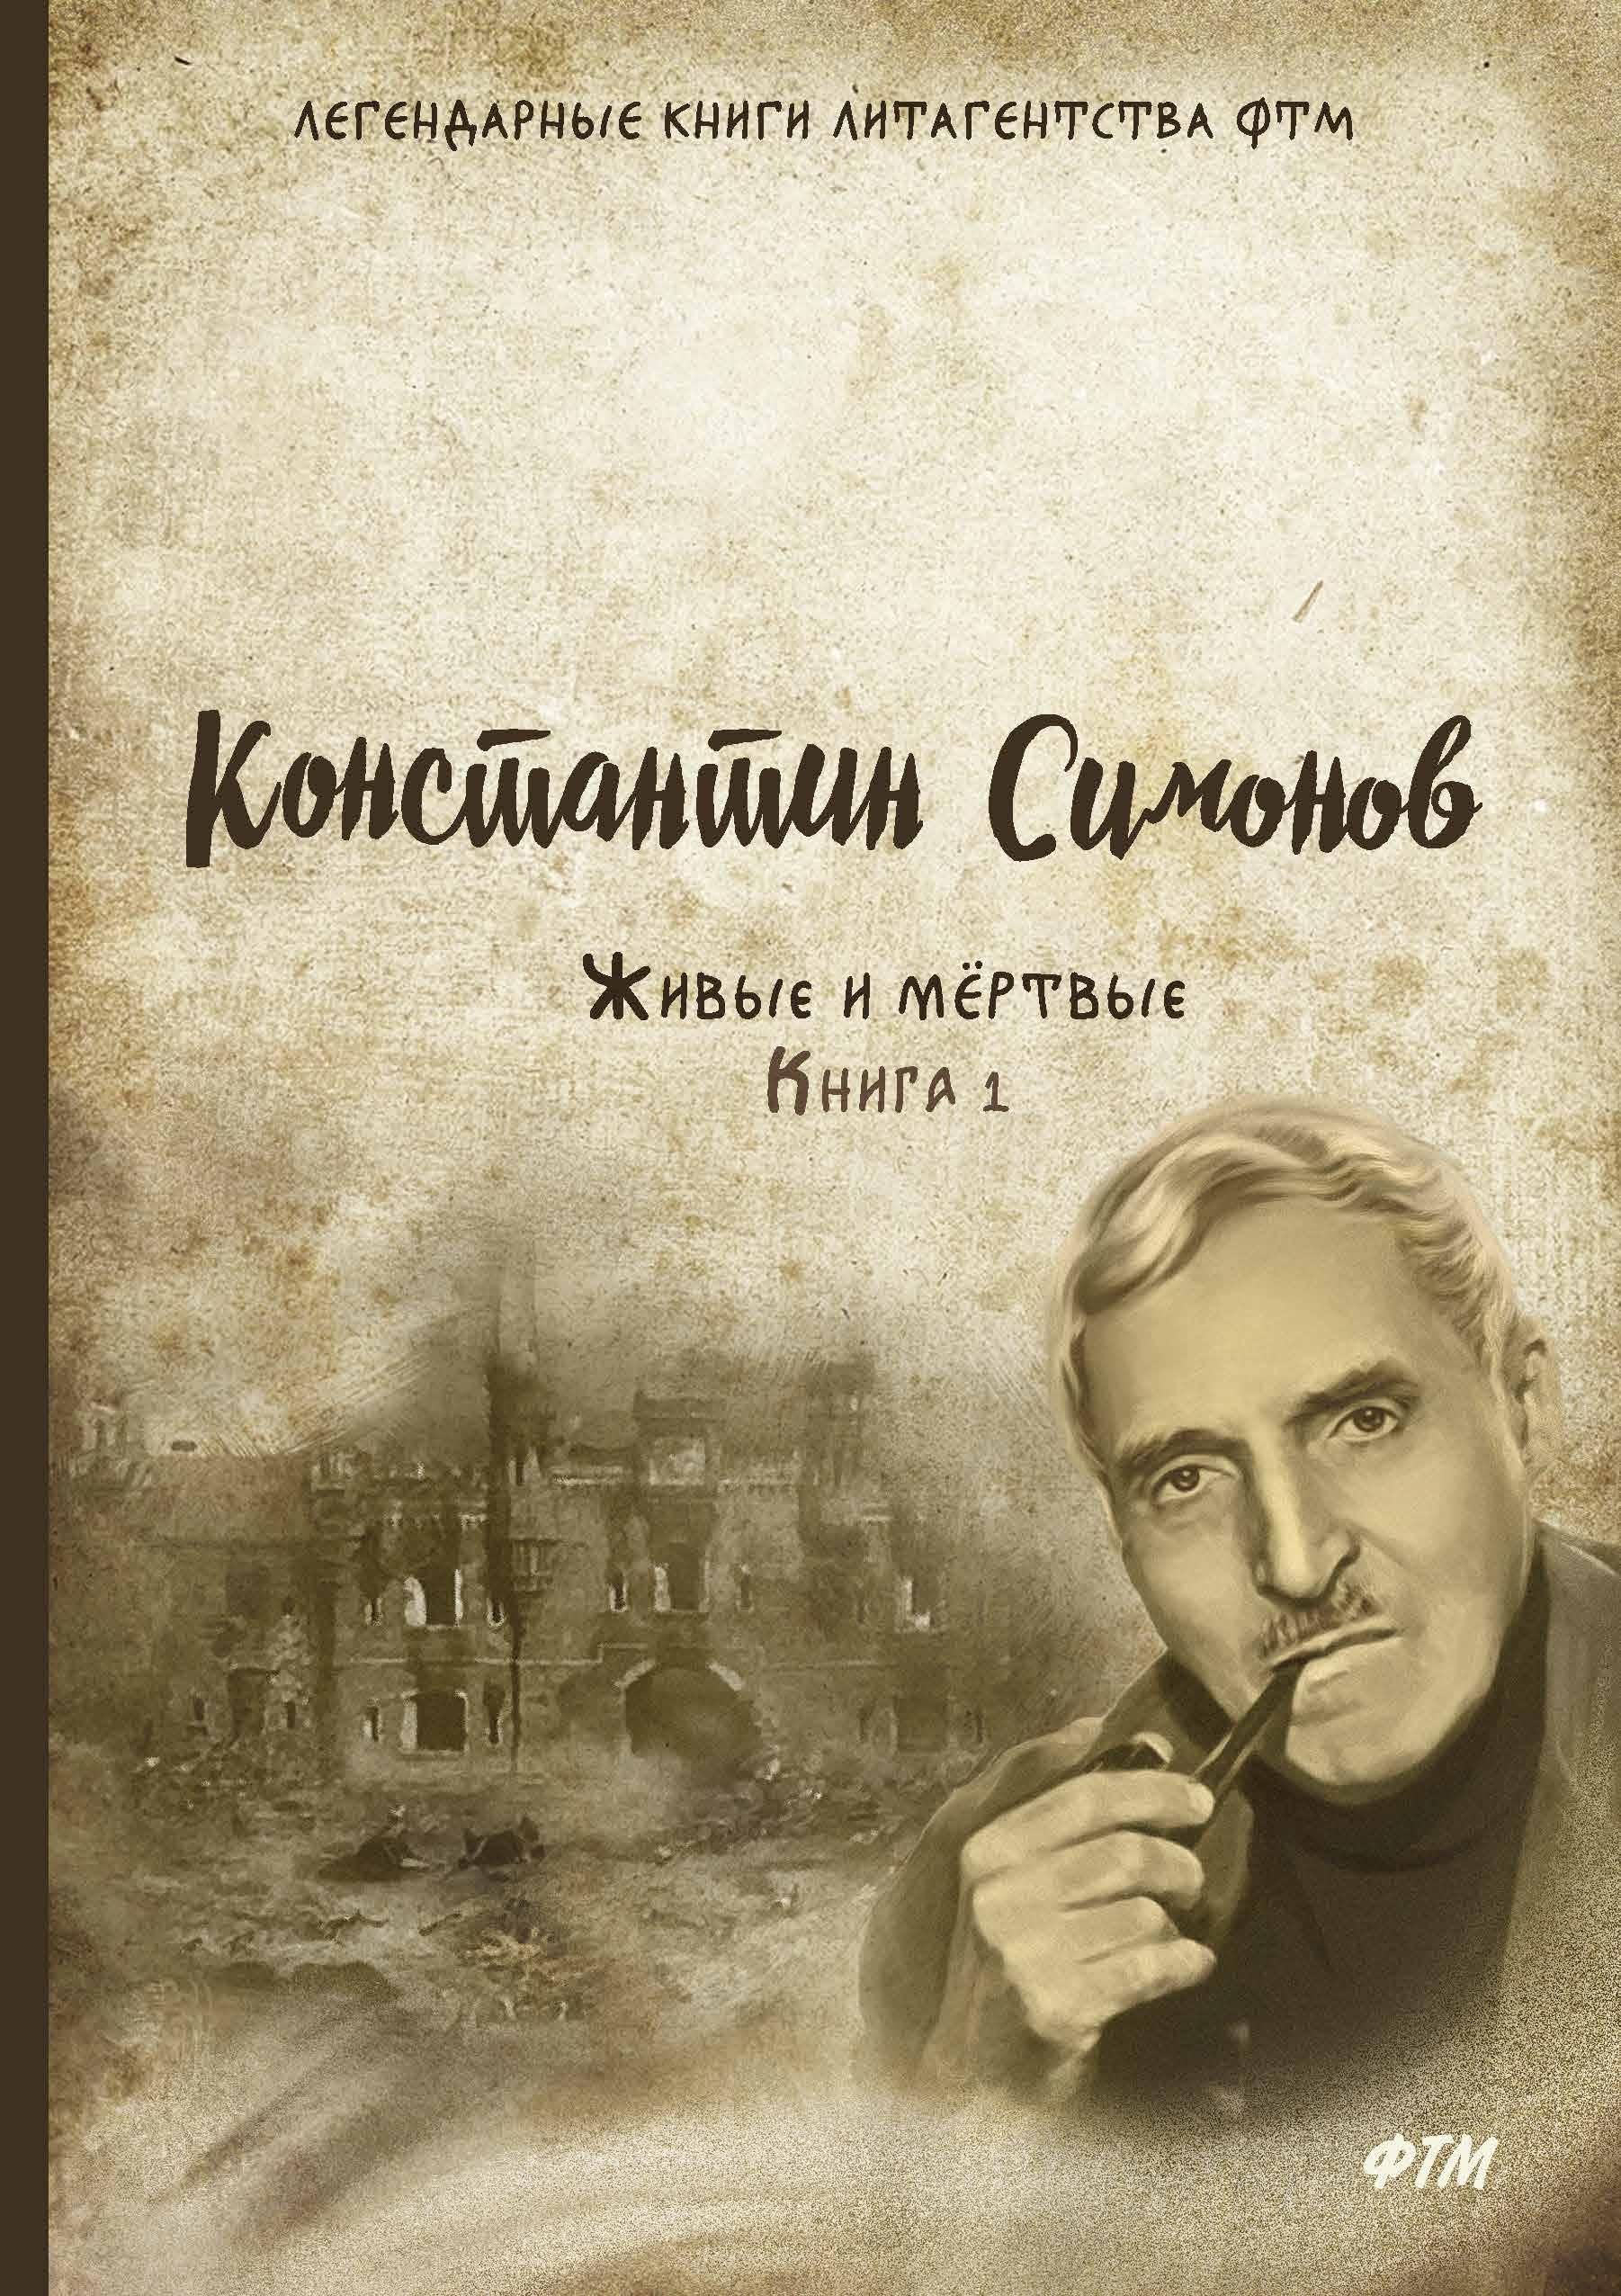 Константин Симоно и мёртые. Книга 1